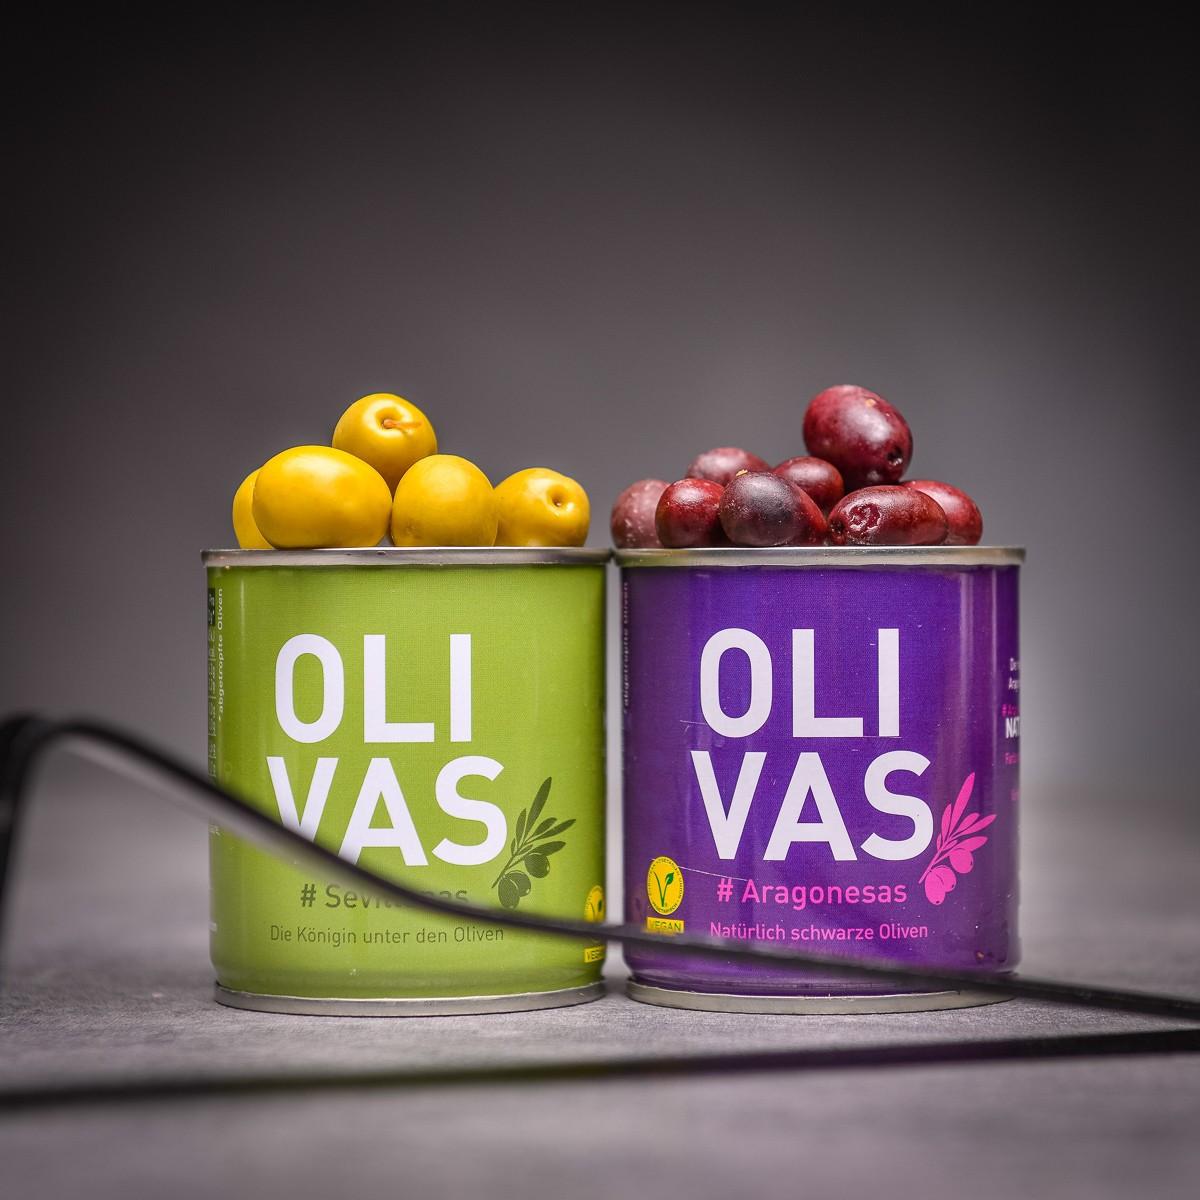 zelene olivy olivas sevillanas a cerne olivy olivas aragonesas.jpg